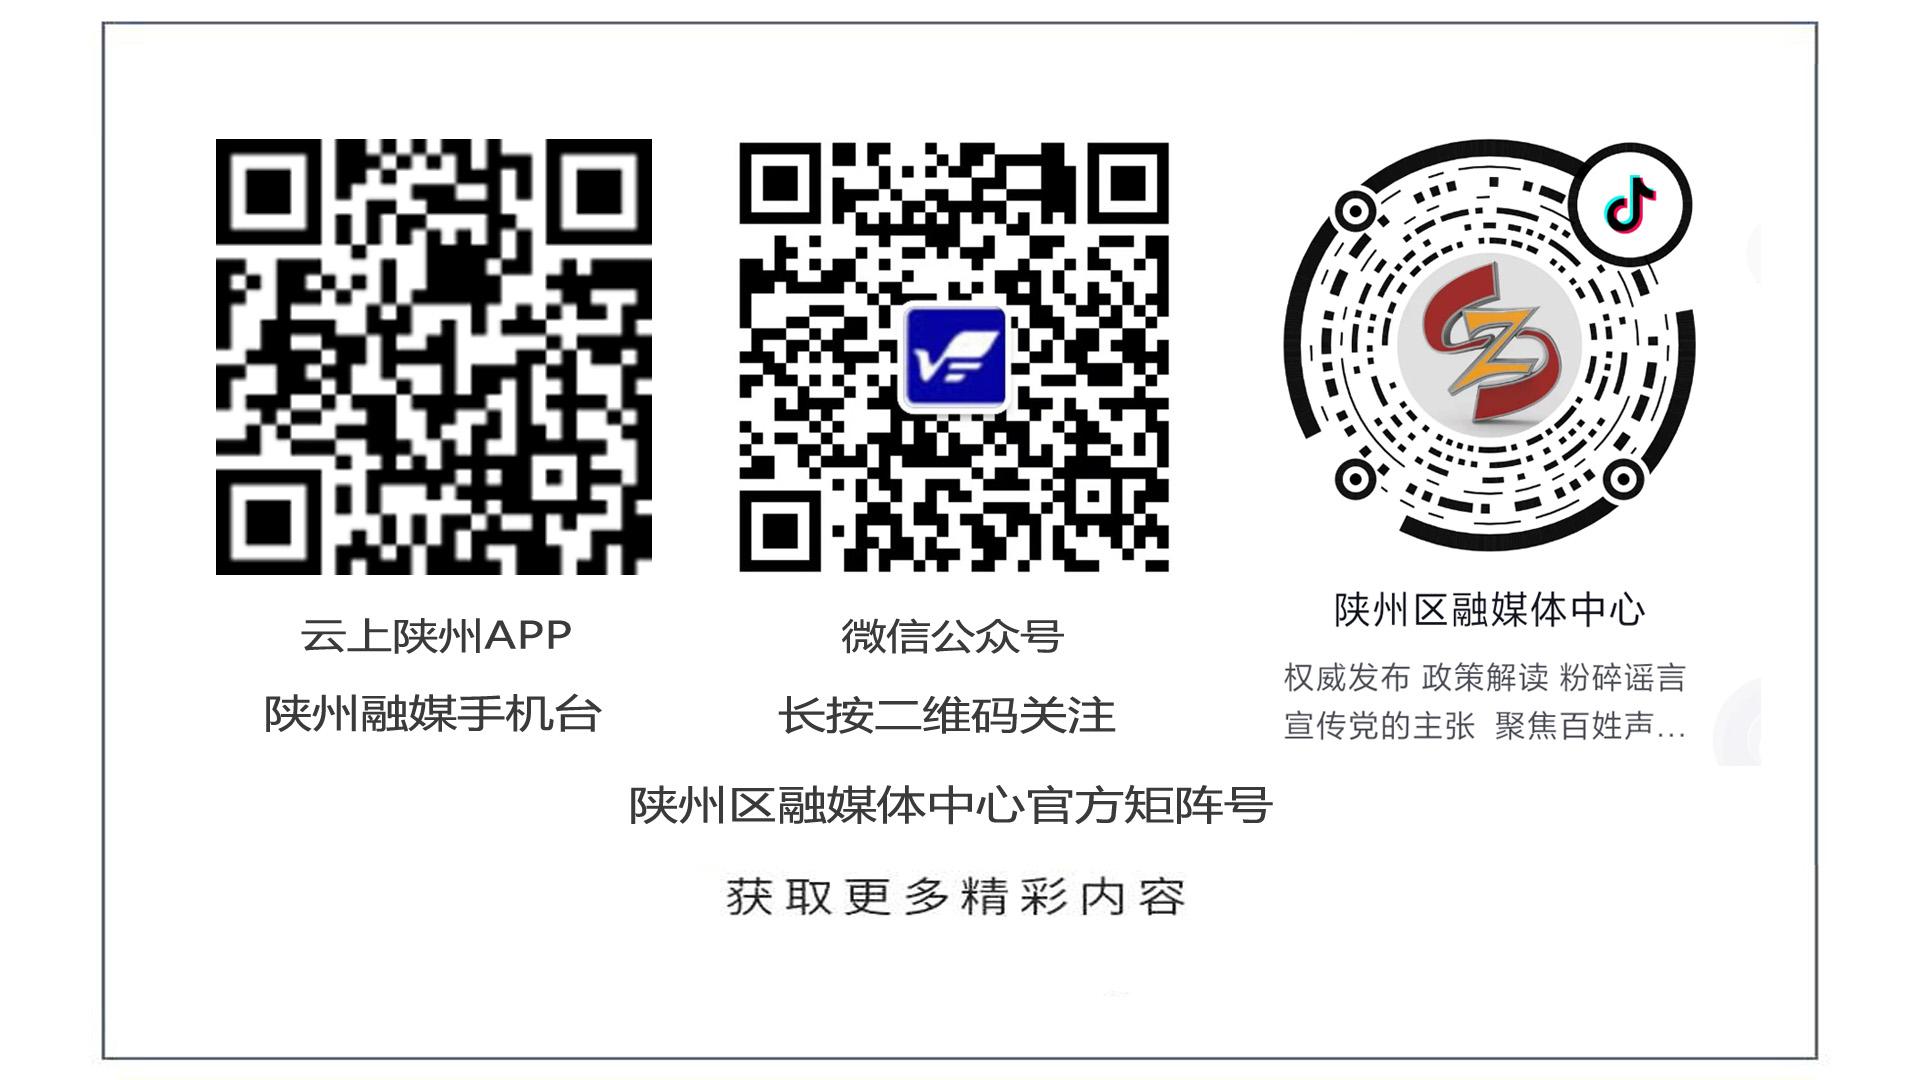 微信图片_20201209160839.jpg